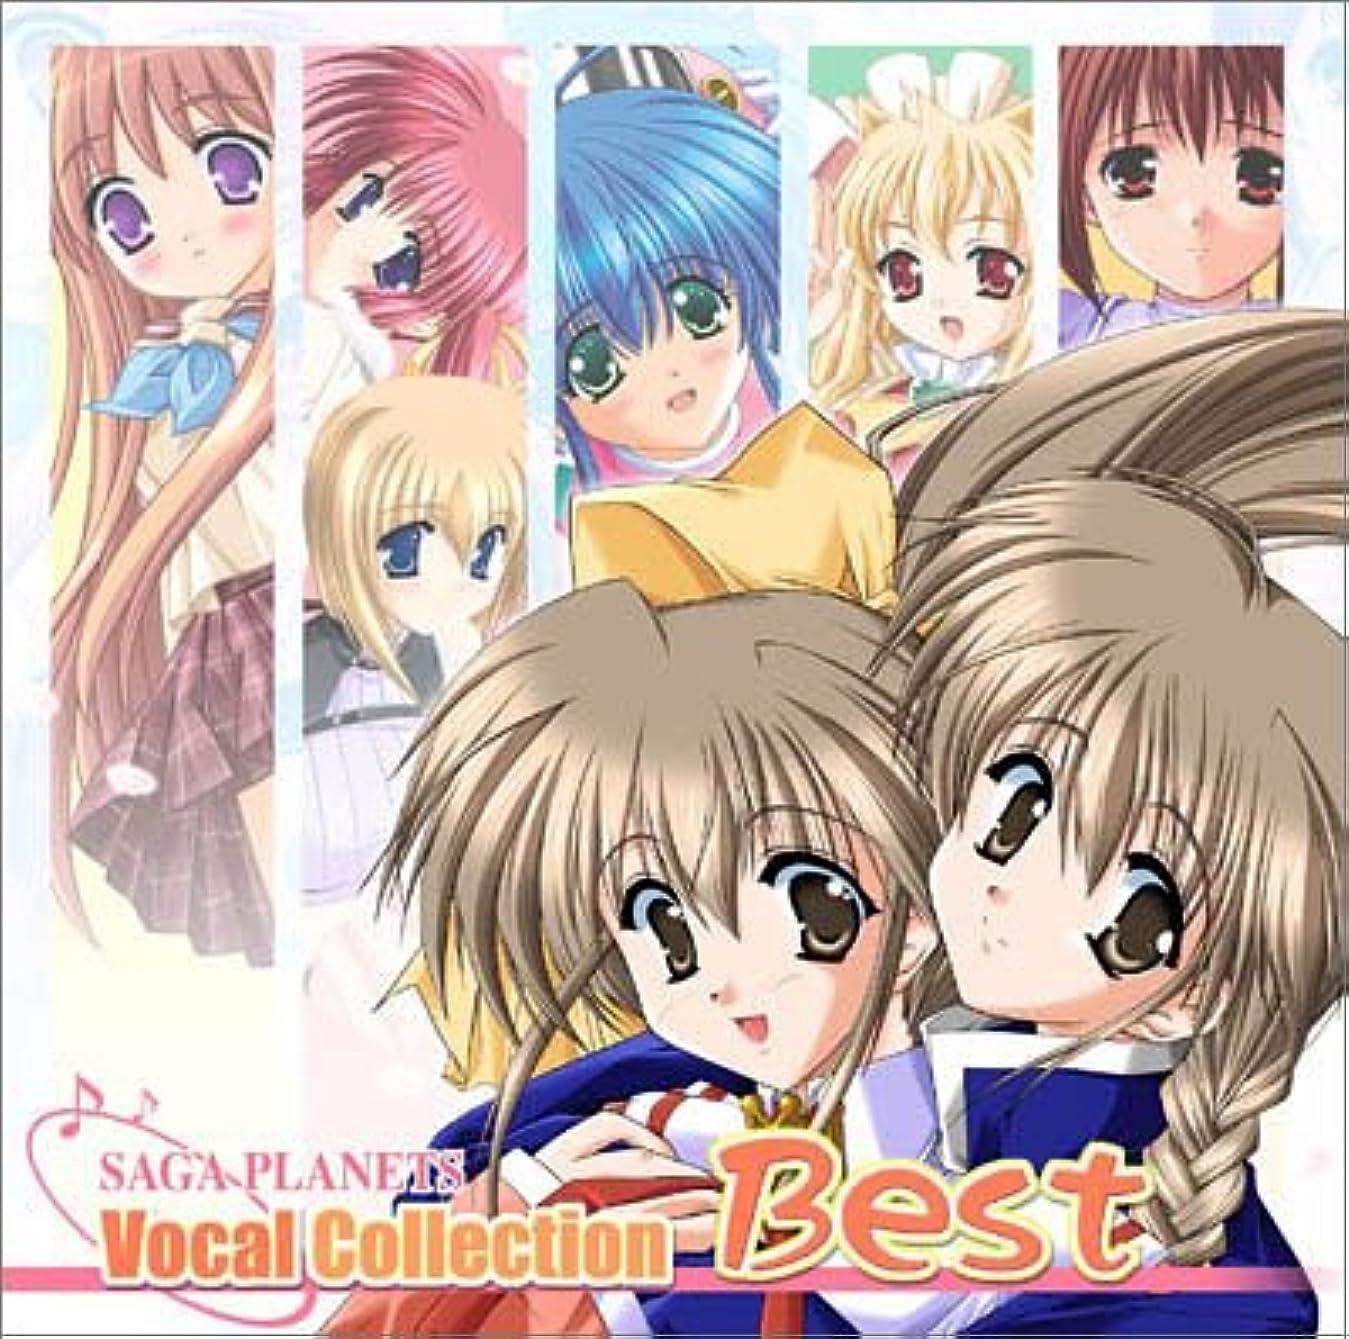 開拓者なんでも戻すSAGA PLANETS Vocal Collection Best